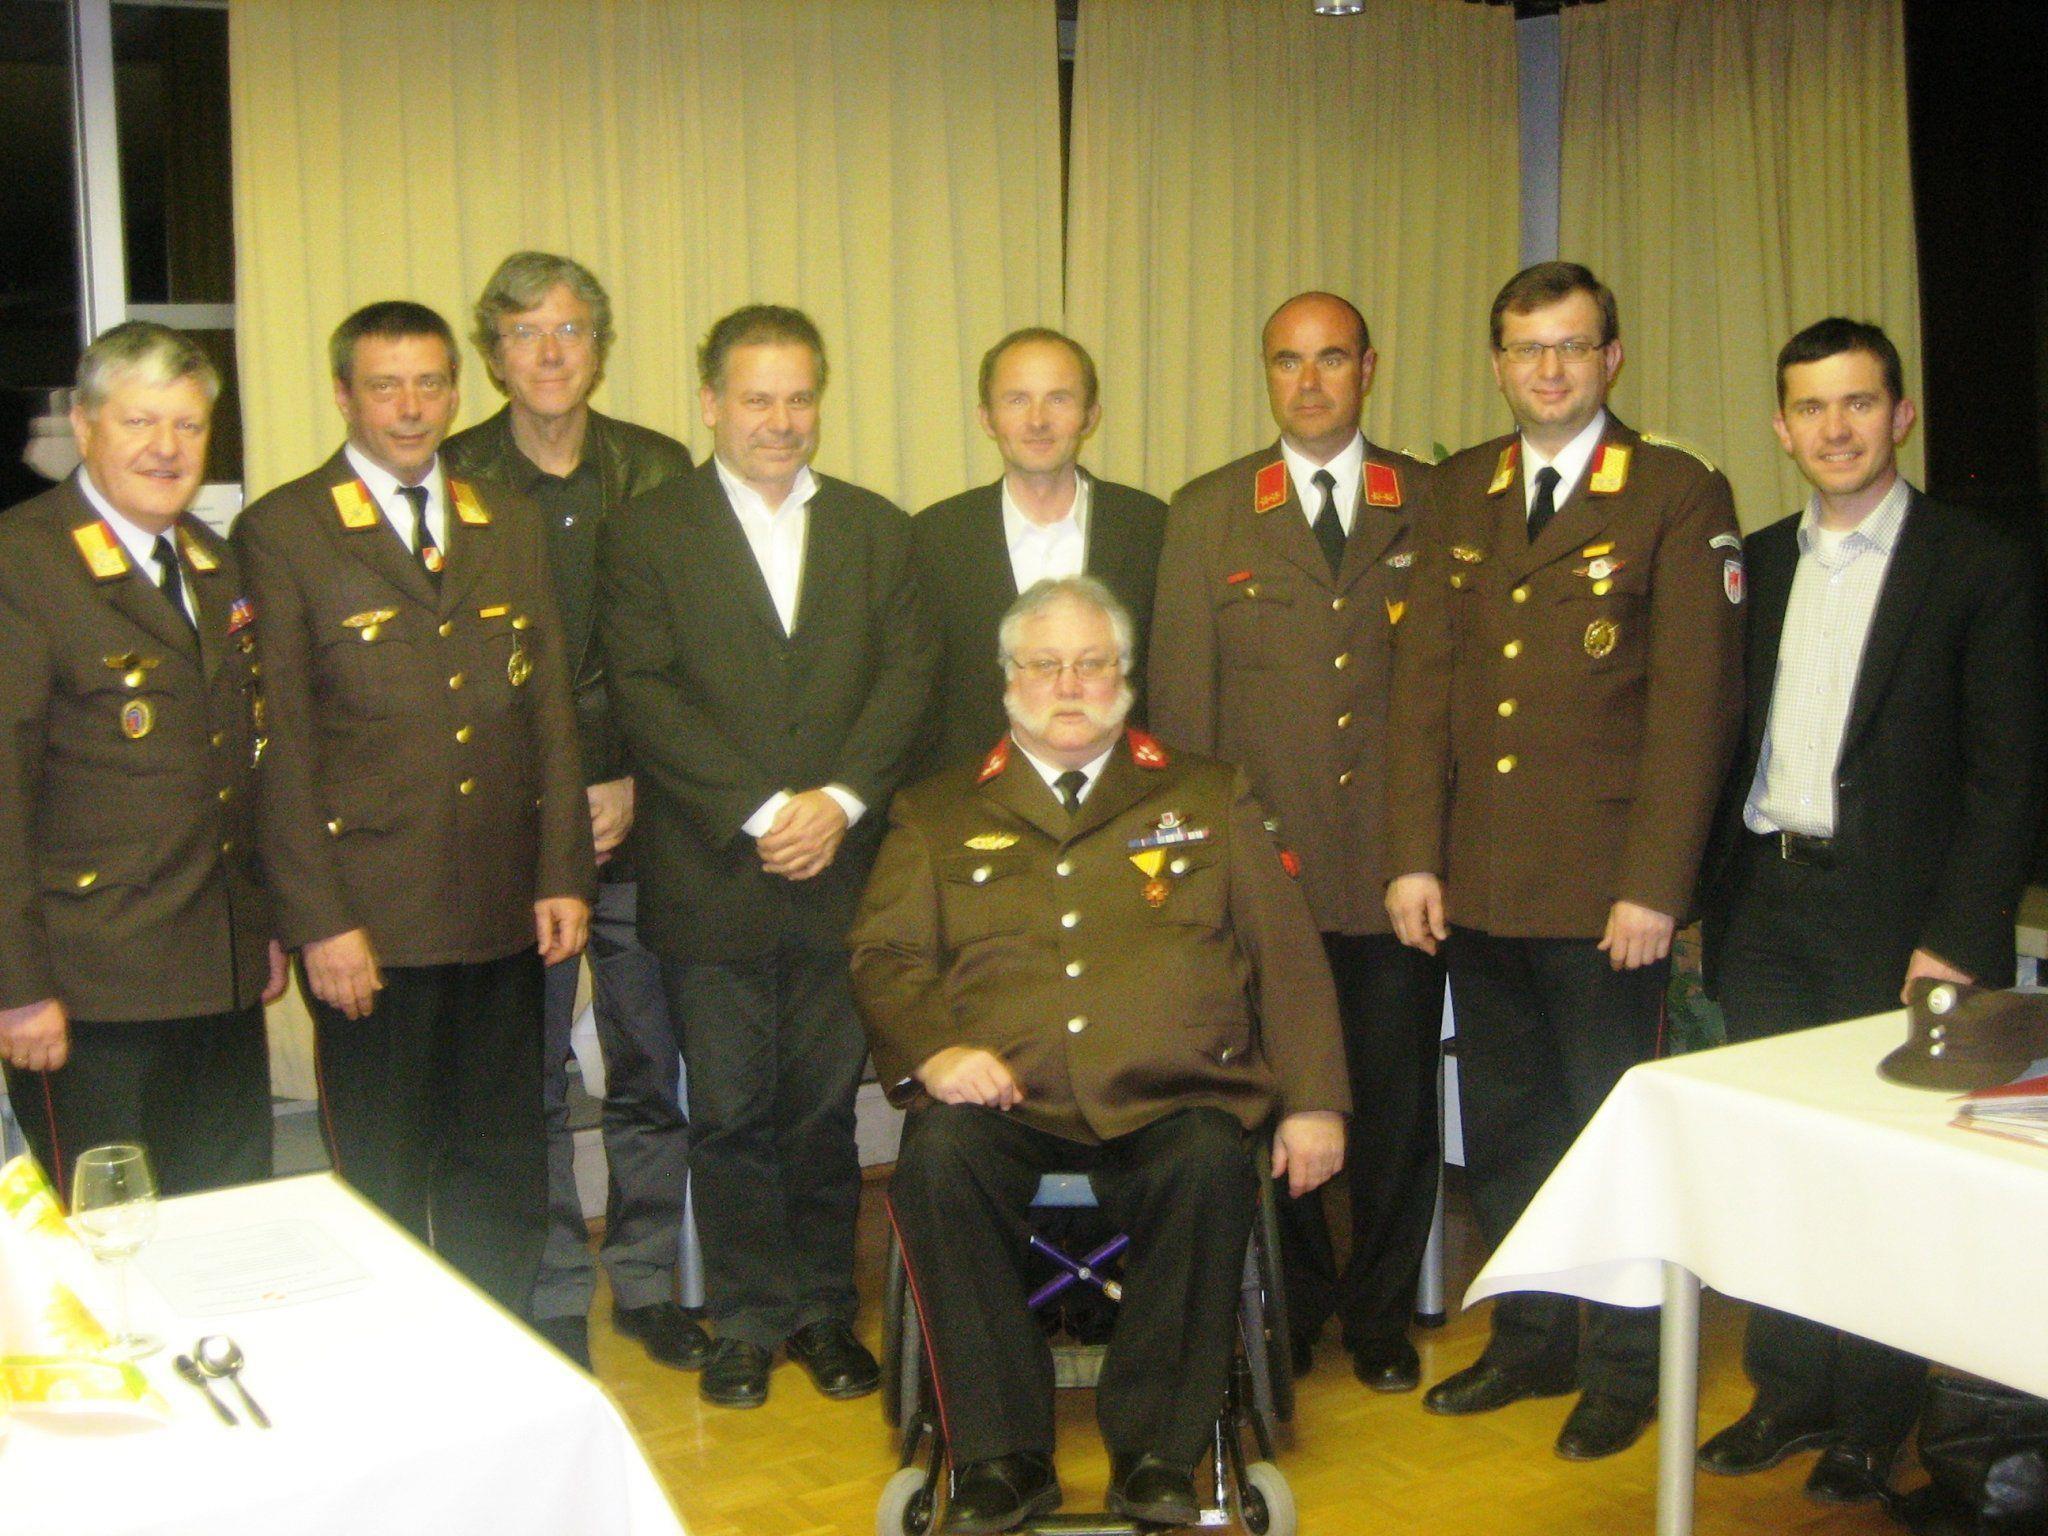 Haimo List (Mitte) mit den Ehrengästen